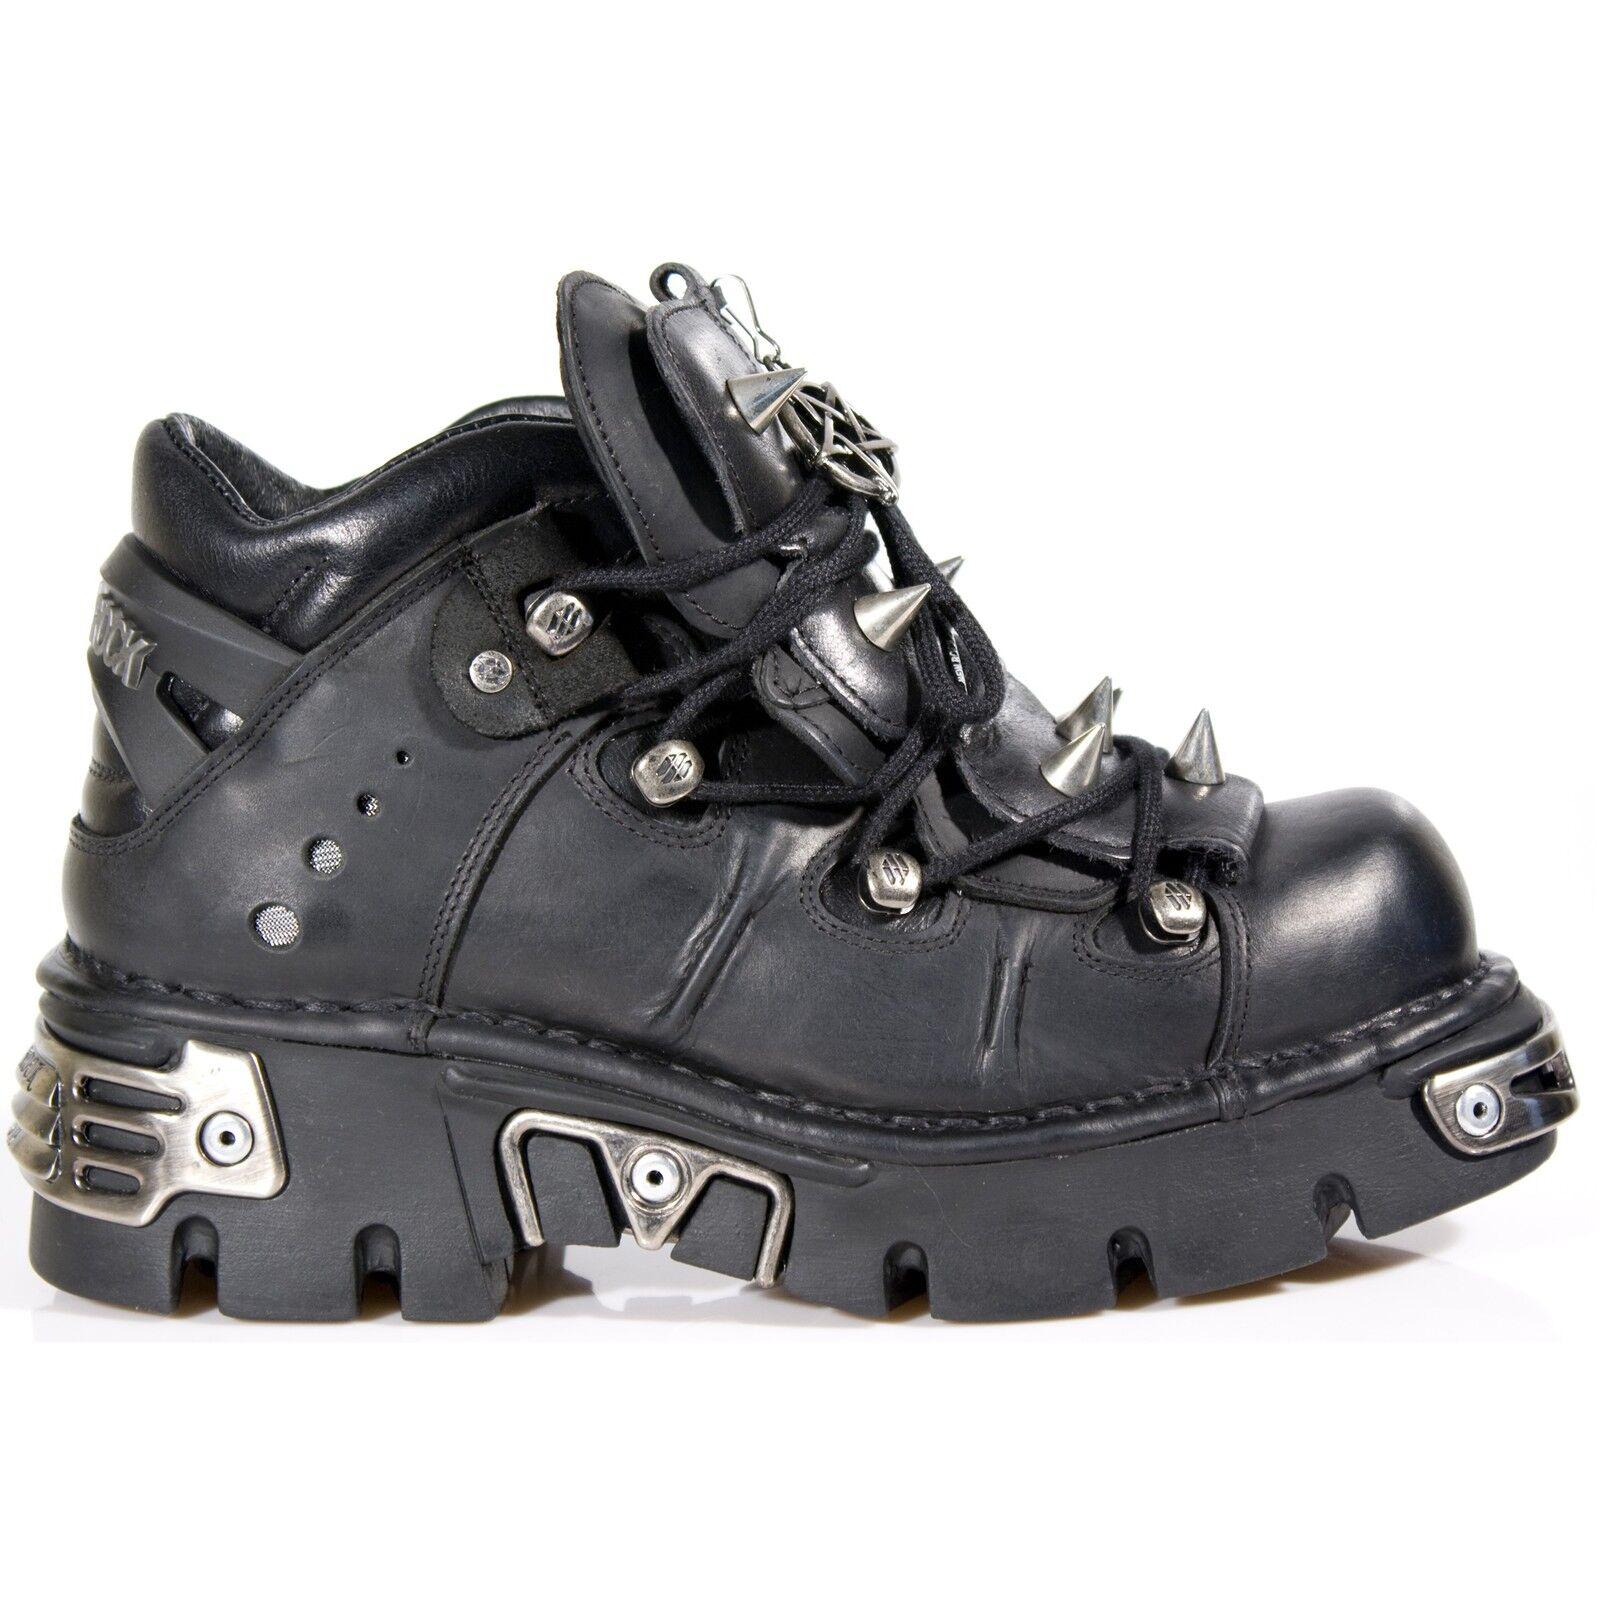 Newrock New Rock 110 Negro Metalizado Gótico Boot Botas De Encaje De Cuero Unisex Stud